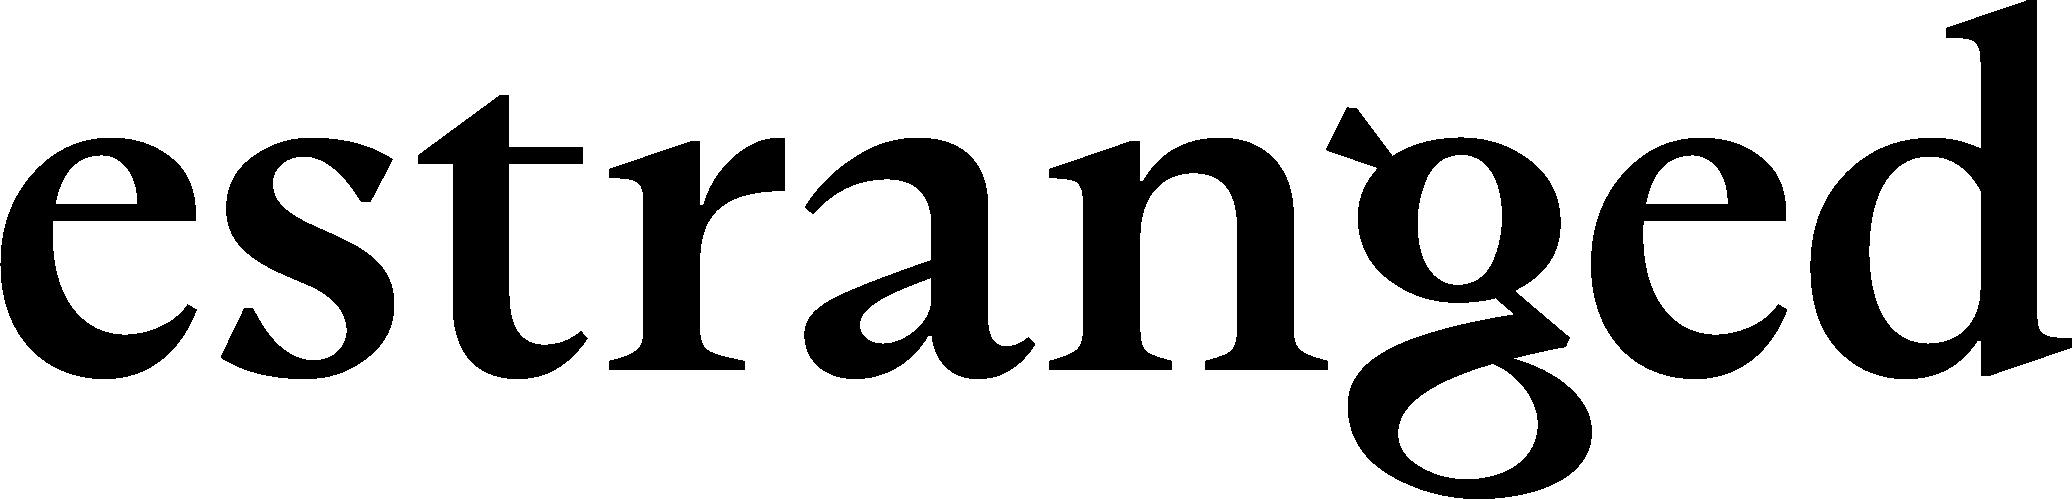 estranged_logo.png